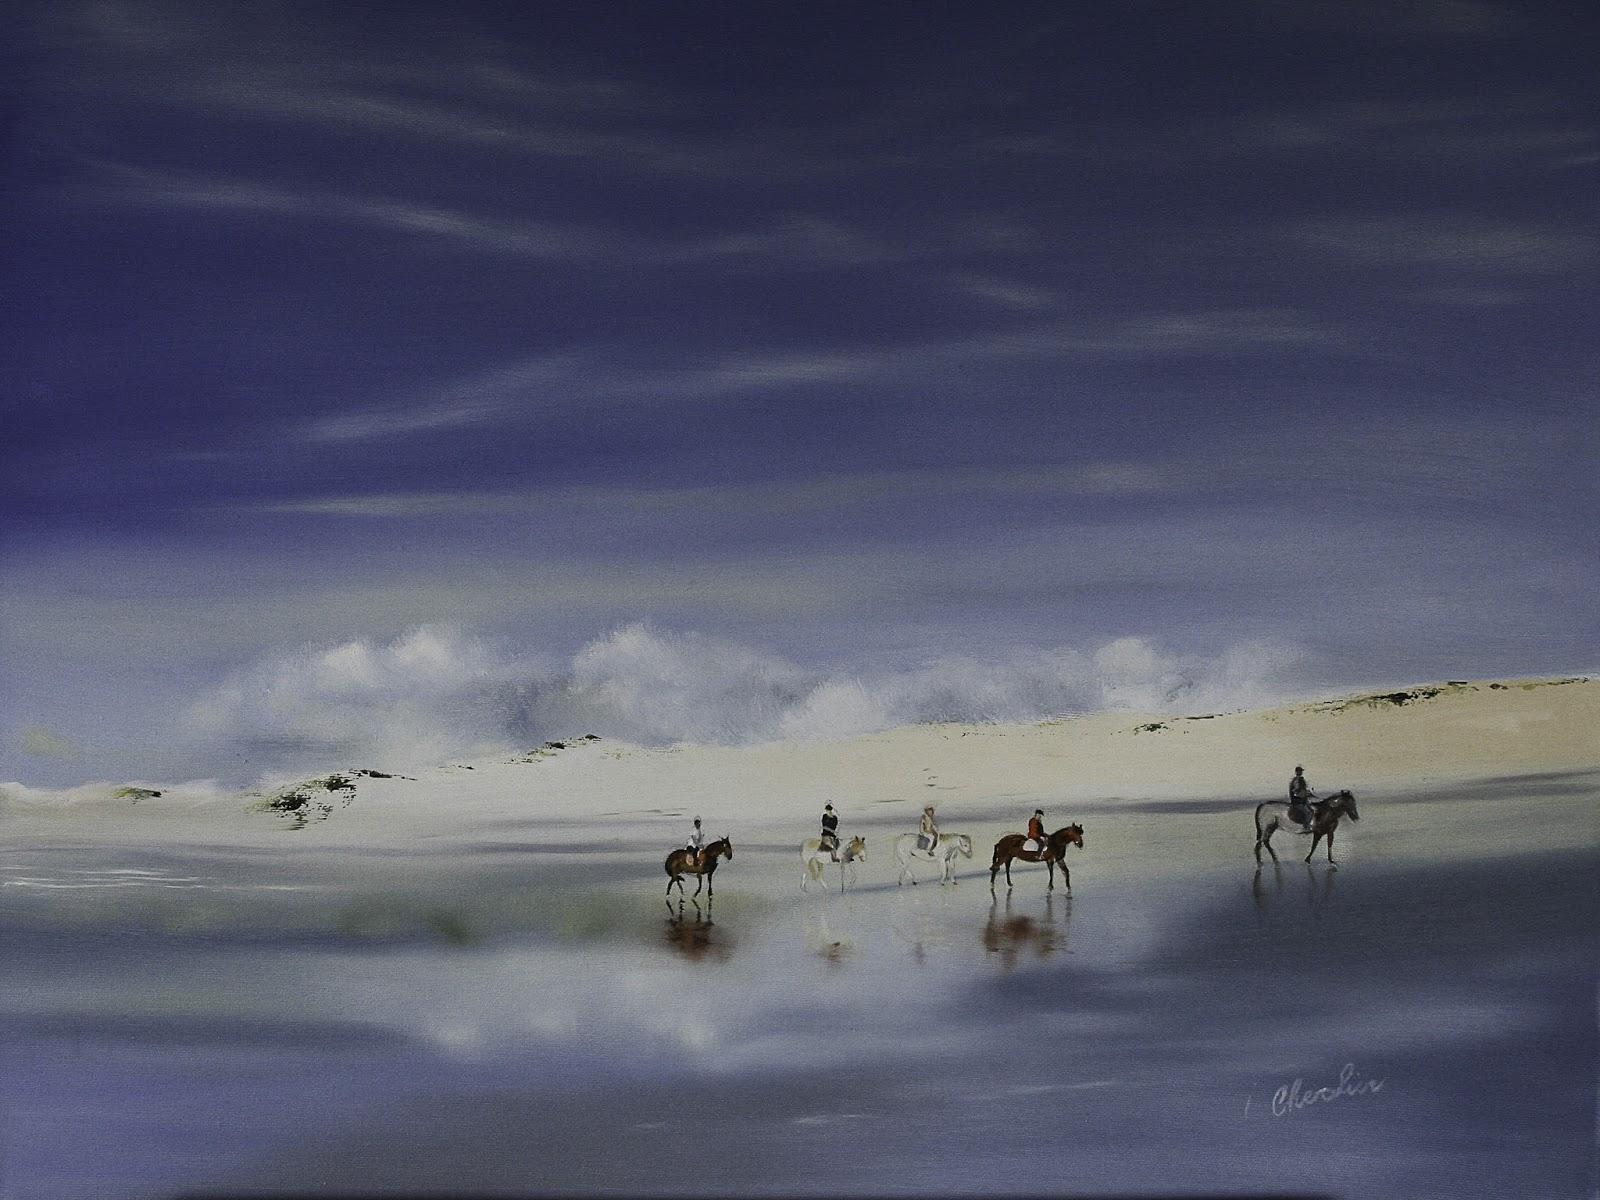 Isabelle chevalier peintures a l 39 huile pastels secs dessins - Photo de bord de mer ...